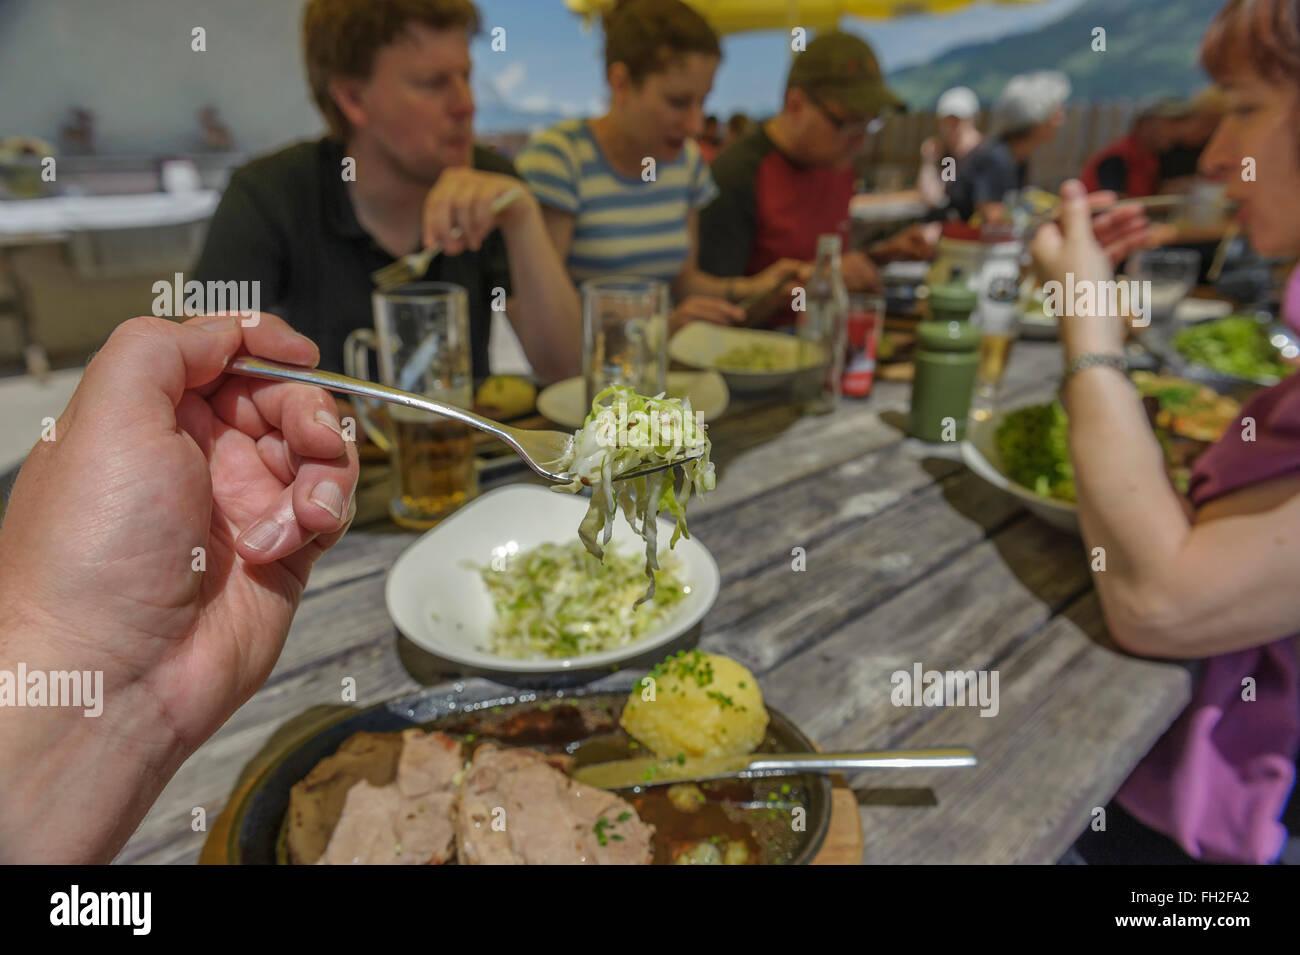 Gli escursionisti gustando un pasto di mezzogiorno in corrispondenza di una baita di montagna. Kitzbühel. Kitzbühel, Austria. Europa Foto Stock